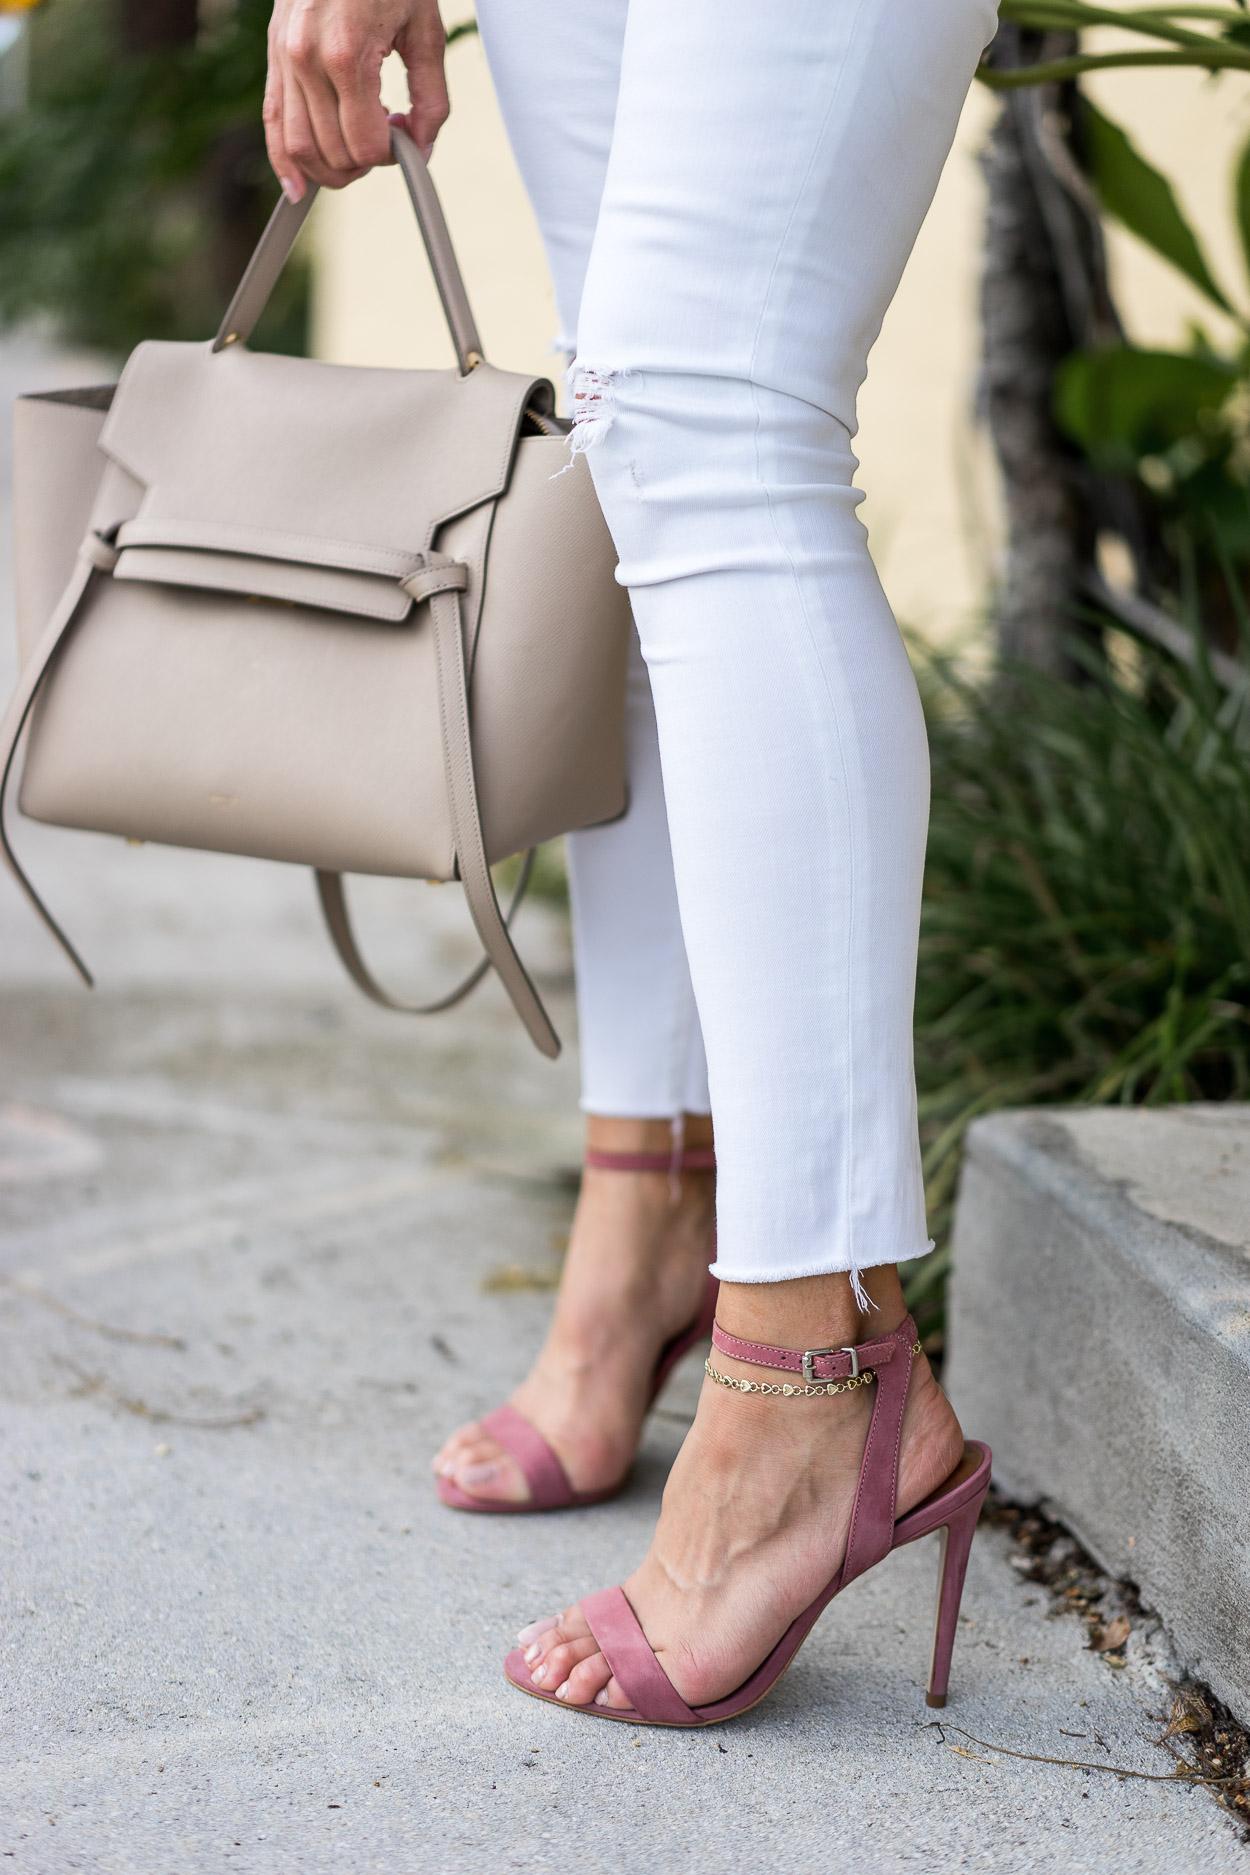 Steve Madden Women's Landen Ankle Strap Sandal OJaJSCX1mf